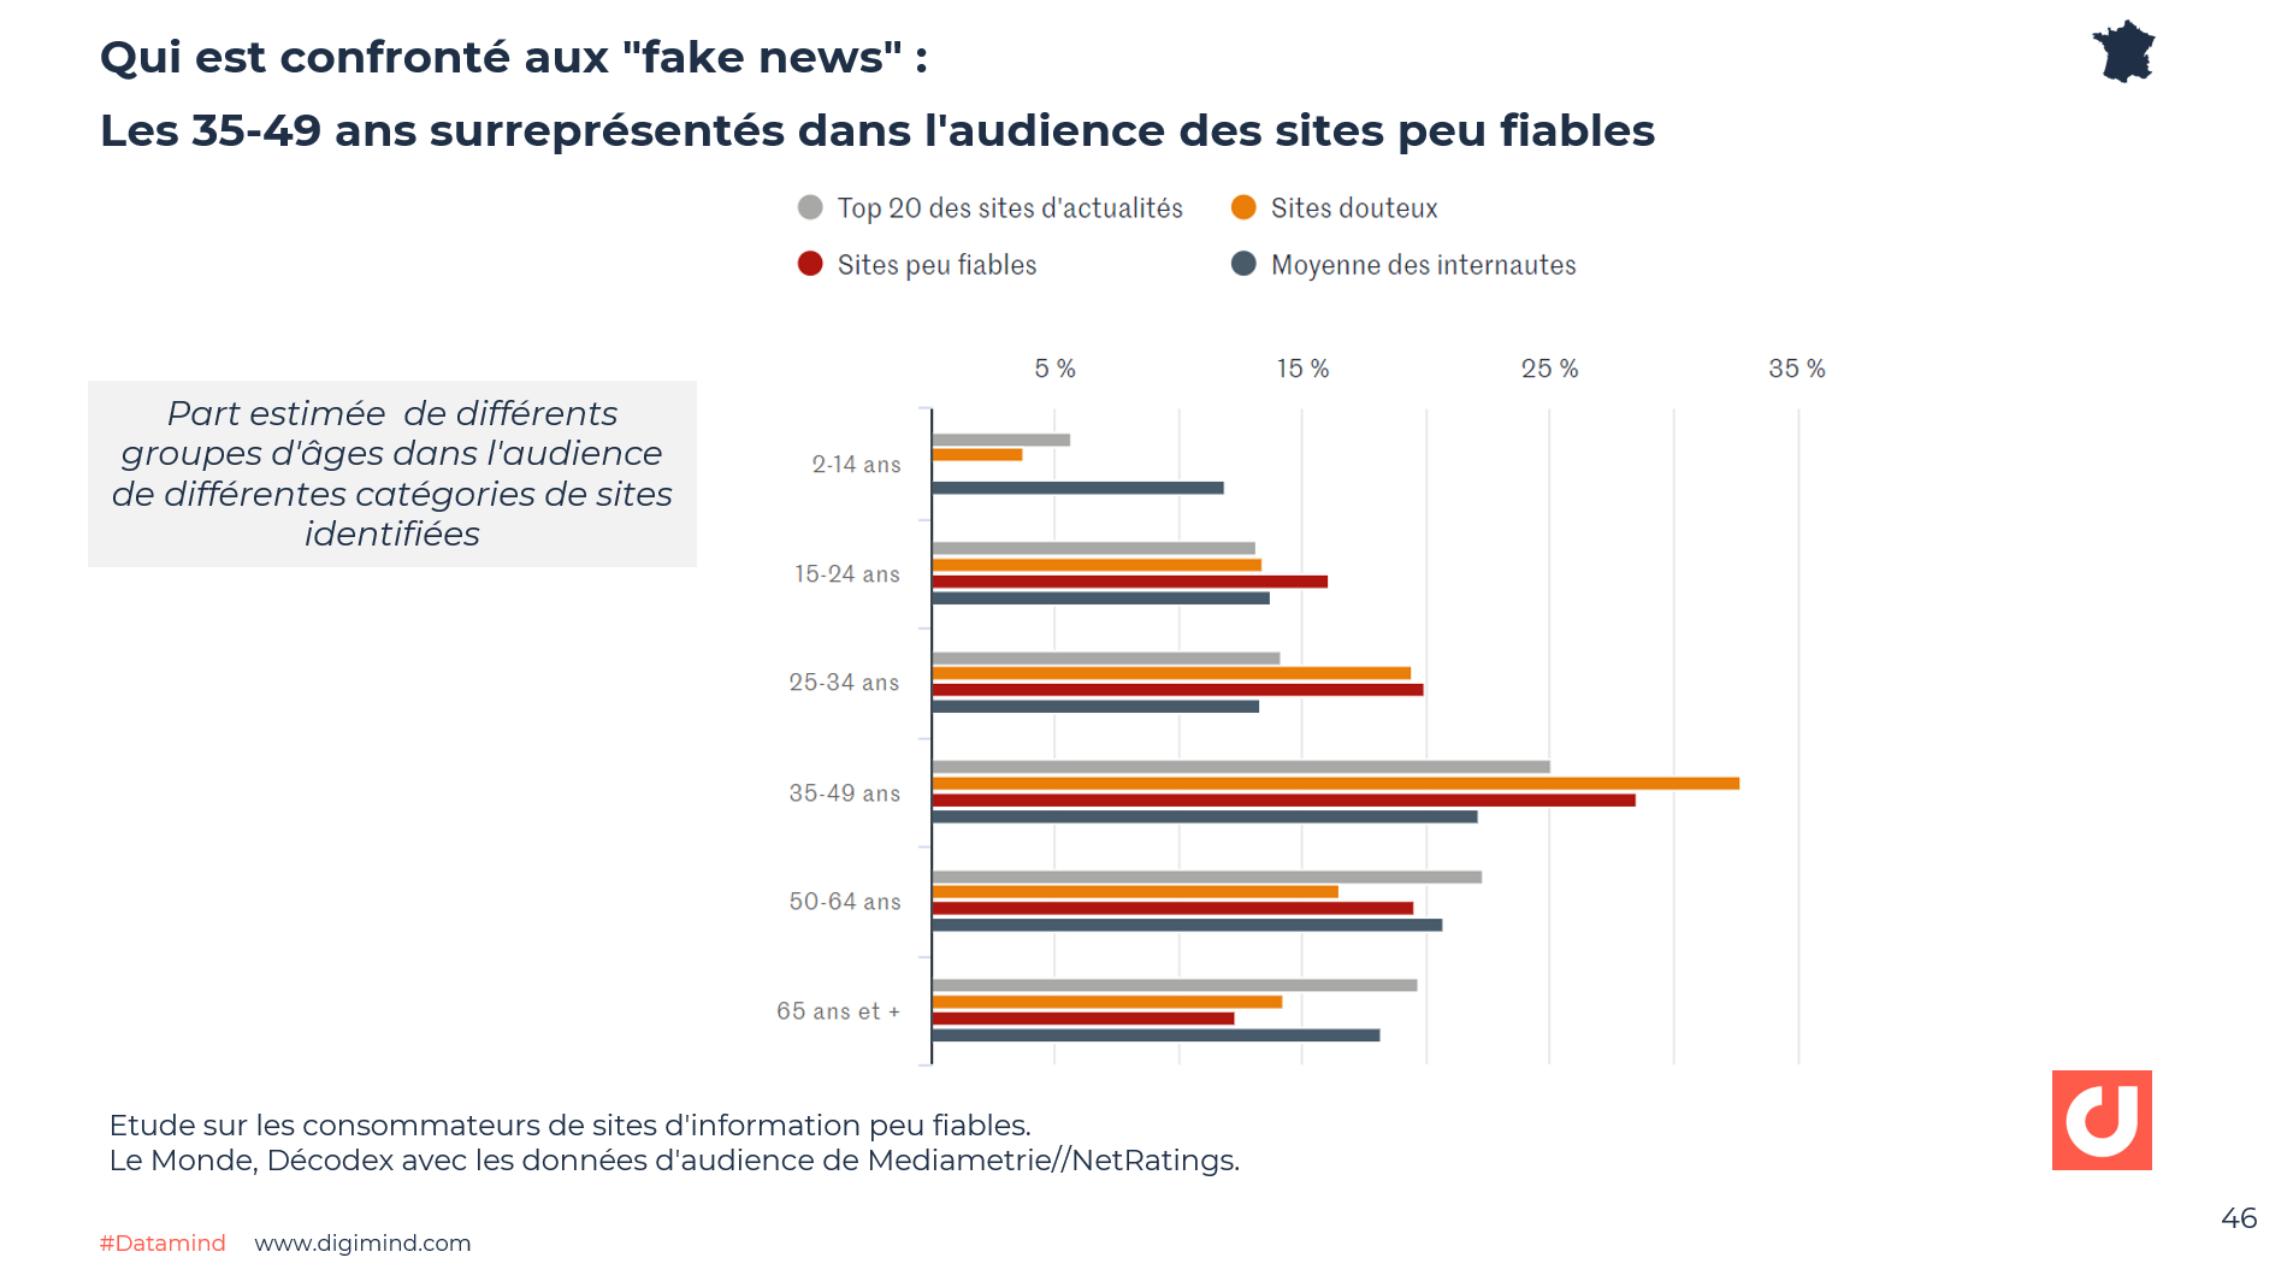 """Qui est confronté aux """"fake news"""" :  Les 35-49 ans surreprésentés dans l'audience des sites peu fiables - Le Monde, Décodex avec les données d'audience de Mediametrie//NetRatings."""